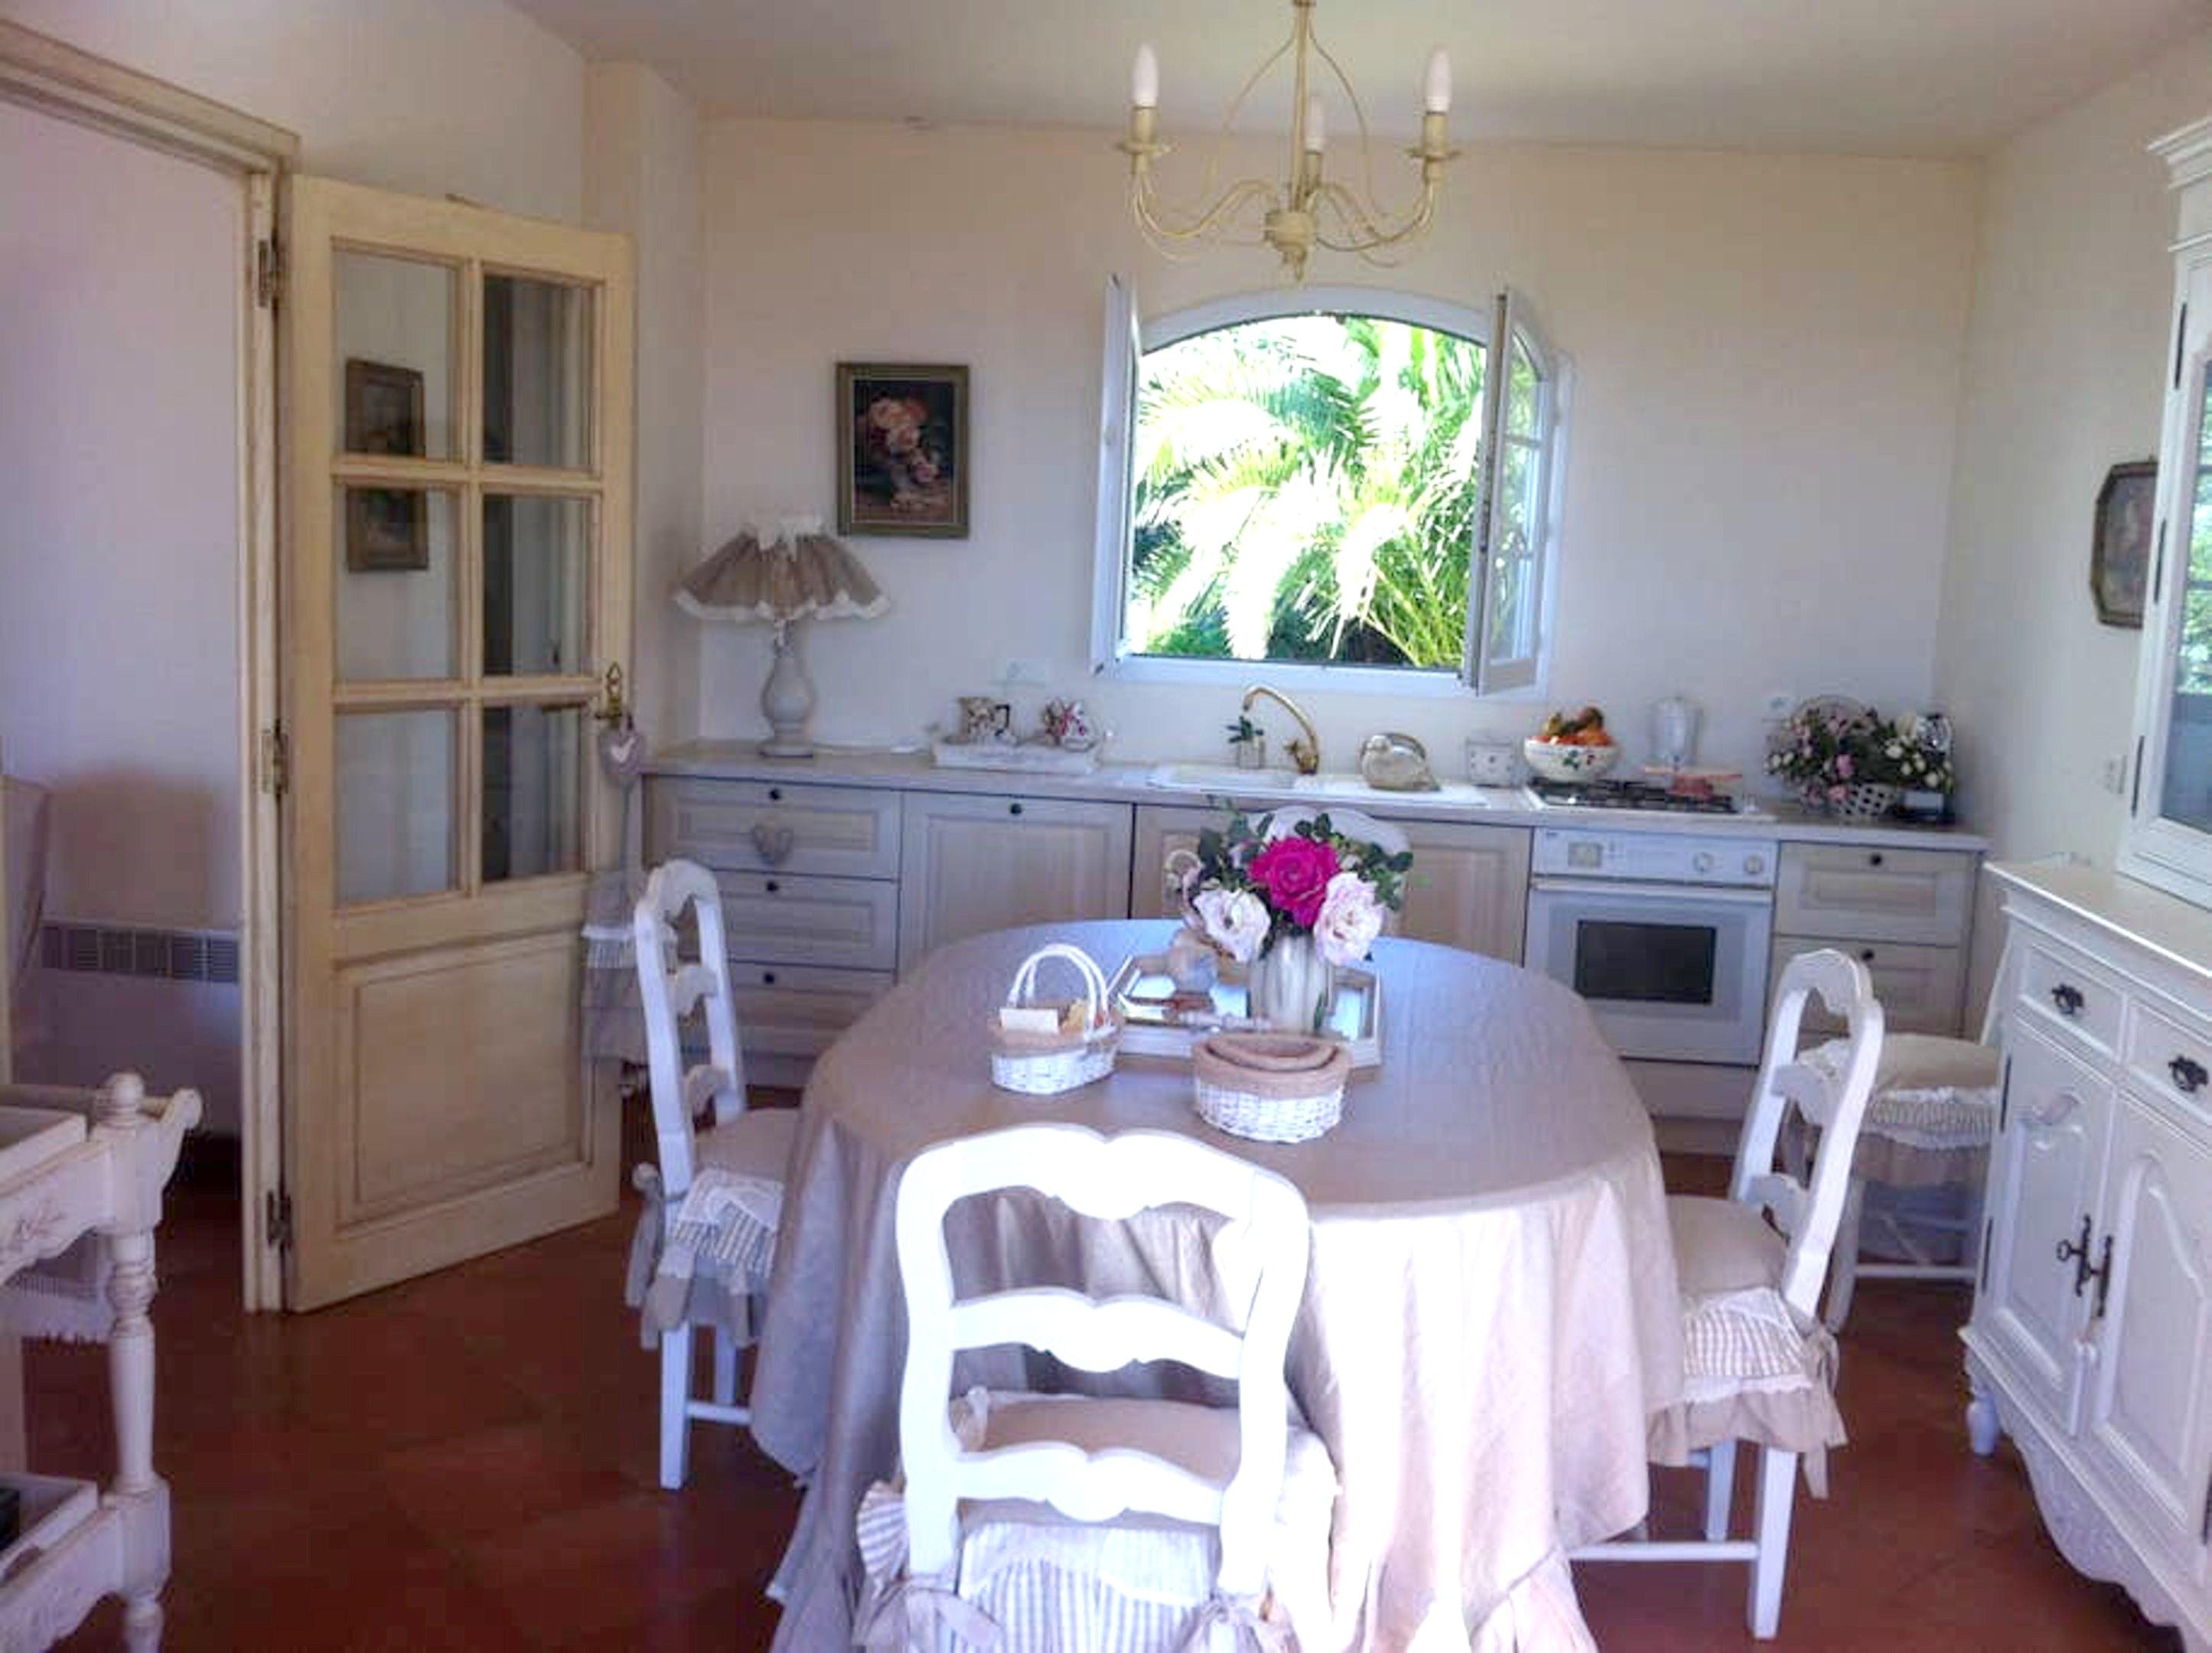 Ferienhaus Villa mit 4 Schlafzimmern in Lumio mit herrlichem Meerblick, privatem Pool, möbliertem Gar (2632533), Lumio, Nordkorsika, Korsika, Frankreich, Bild 6